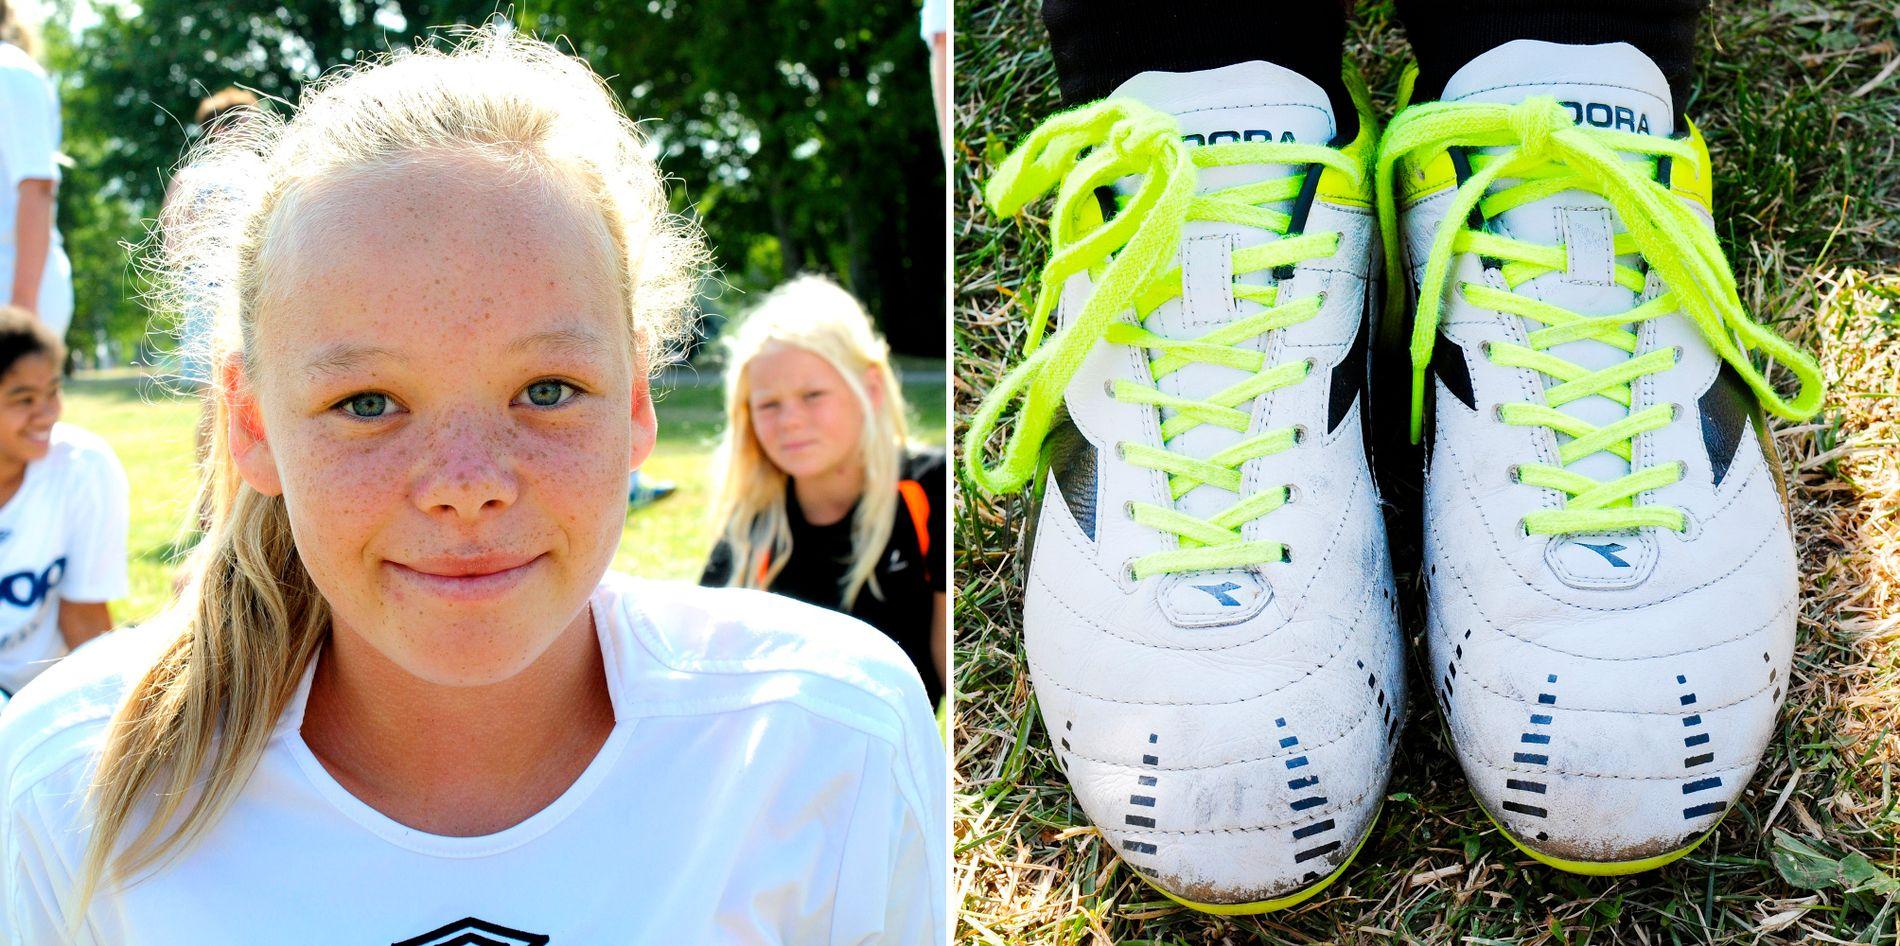 At 12 åringer skal ha fotballsko til 2000 kroner, er helt